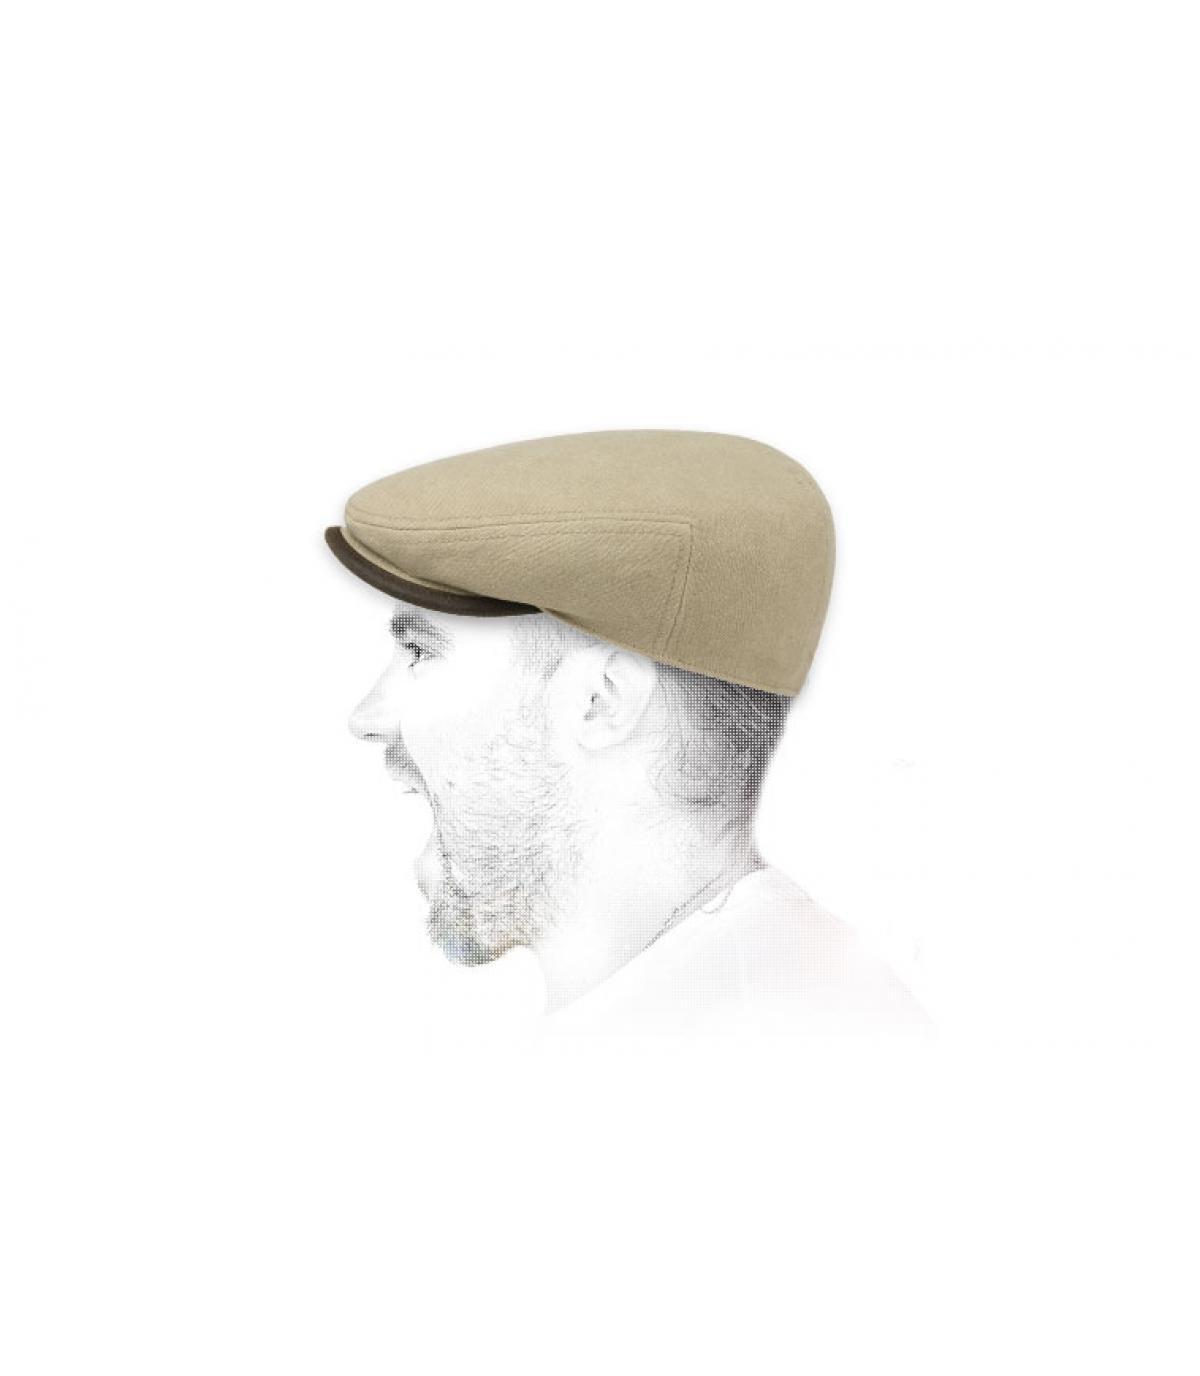 gorra plana de algodón de color beige